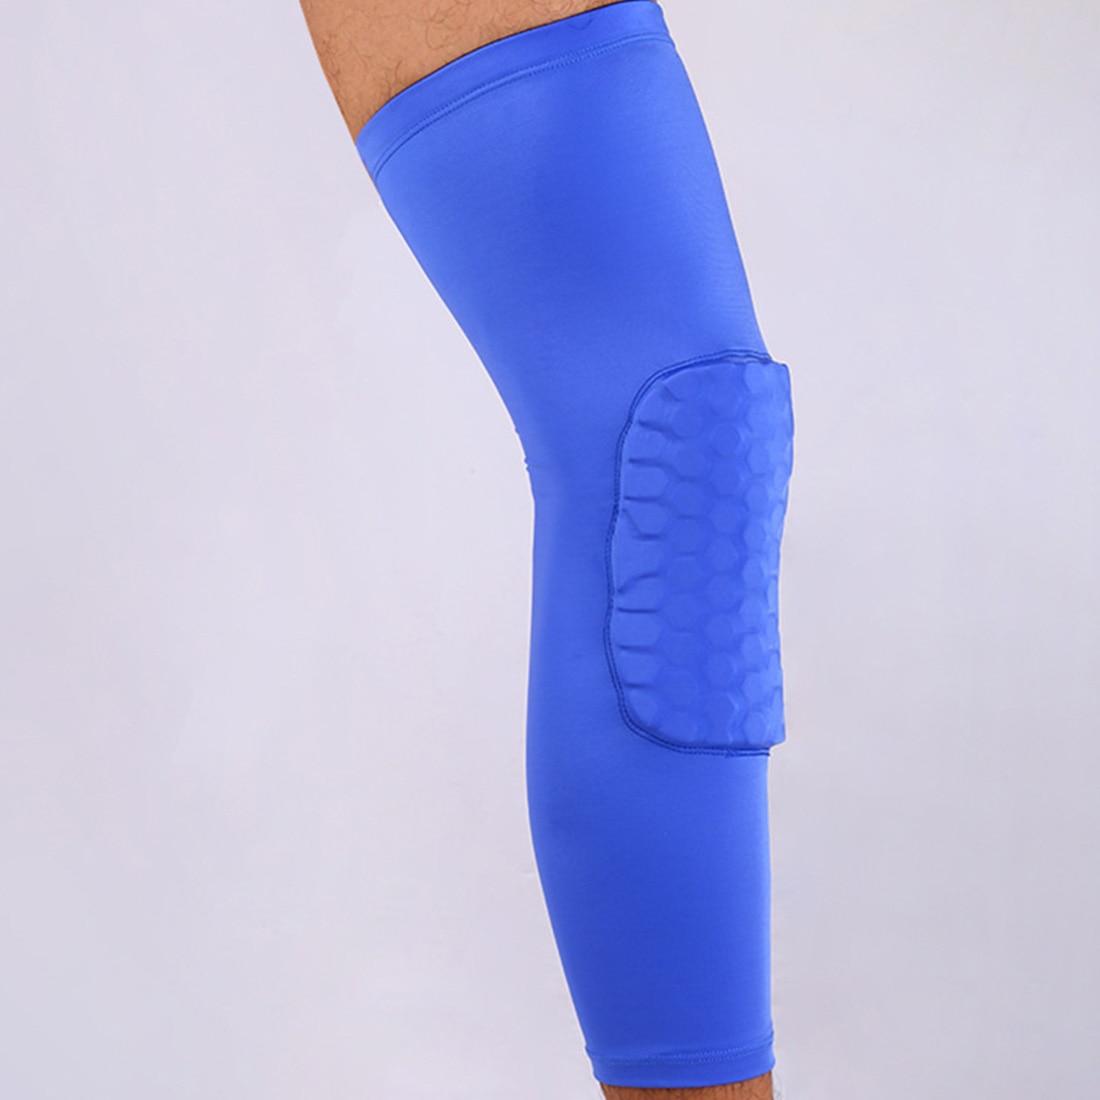 Rodilleras de baloncesto para adultos, soporte de rodillera para fútbol, Protector de rodilla, rodillera de seguridad deportiva